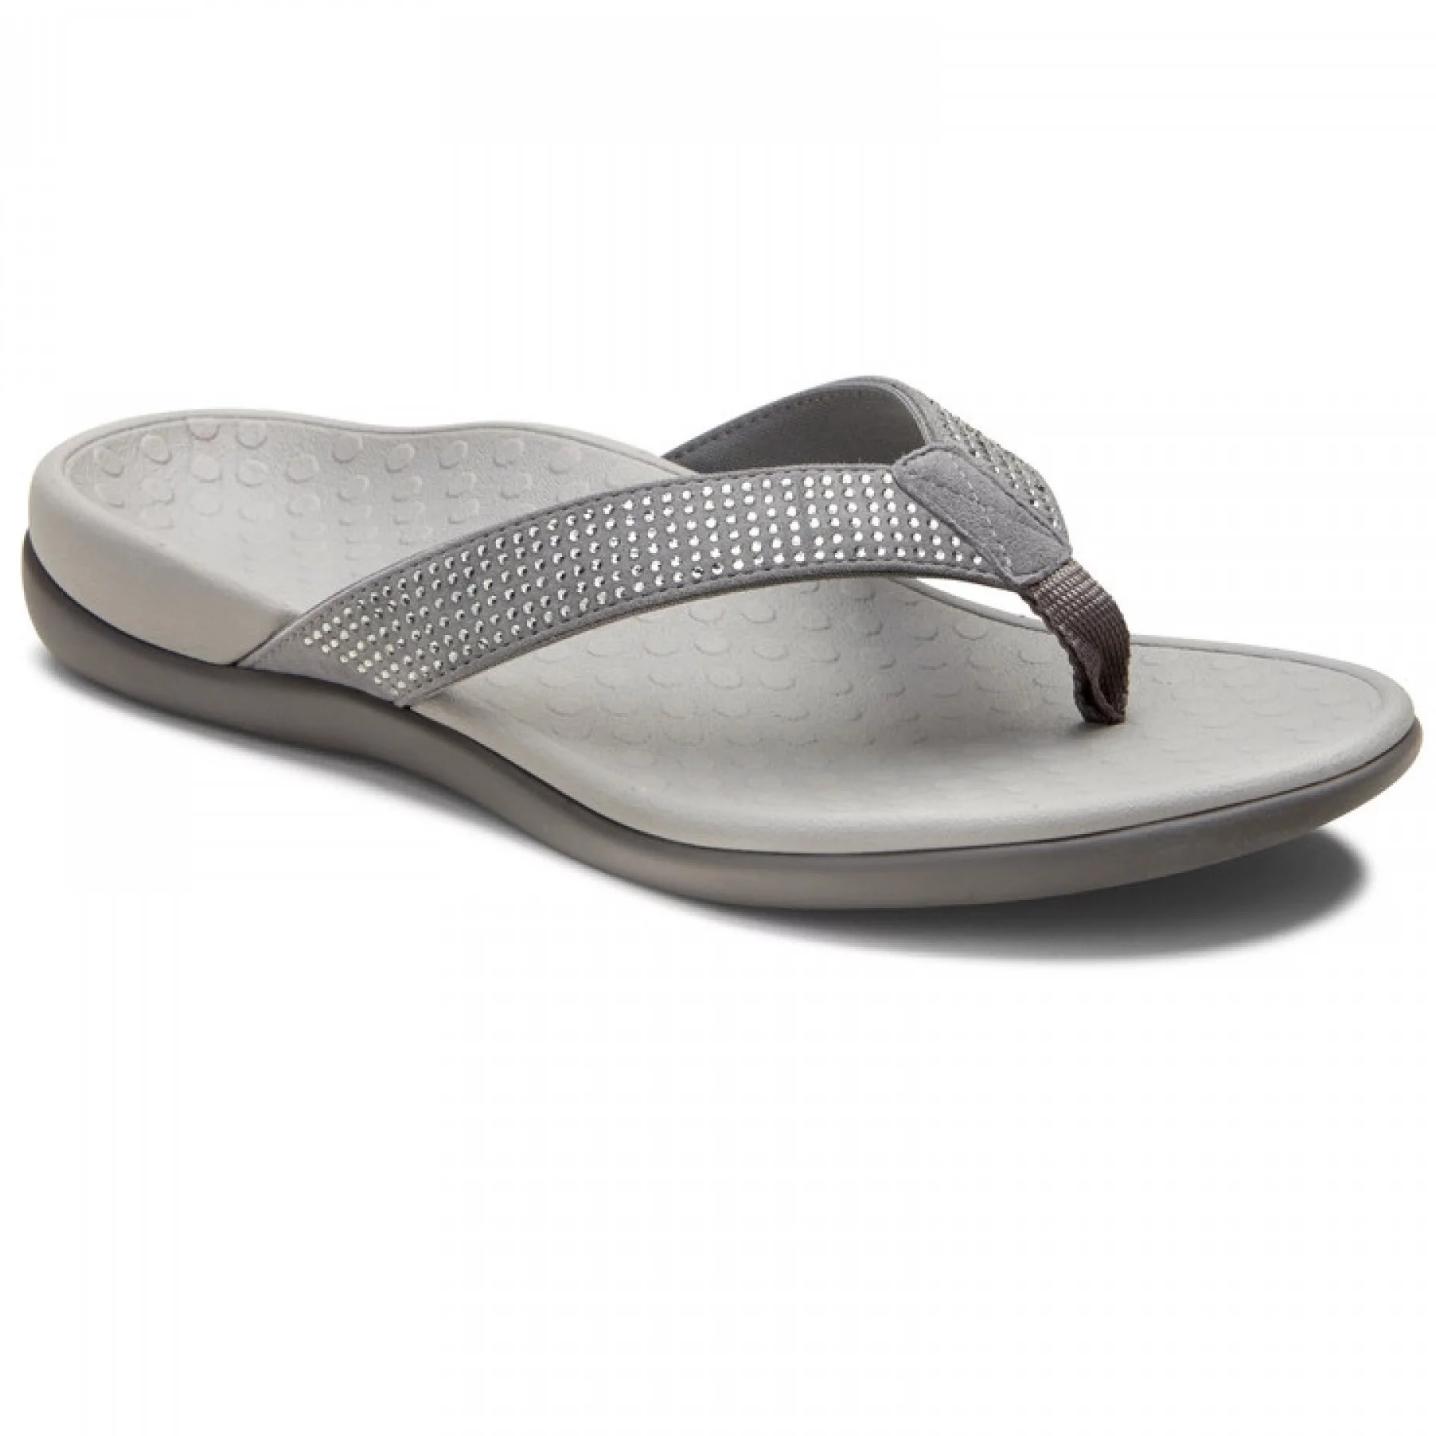 Tide Rhinestones Toe Post Sandal Pewter